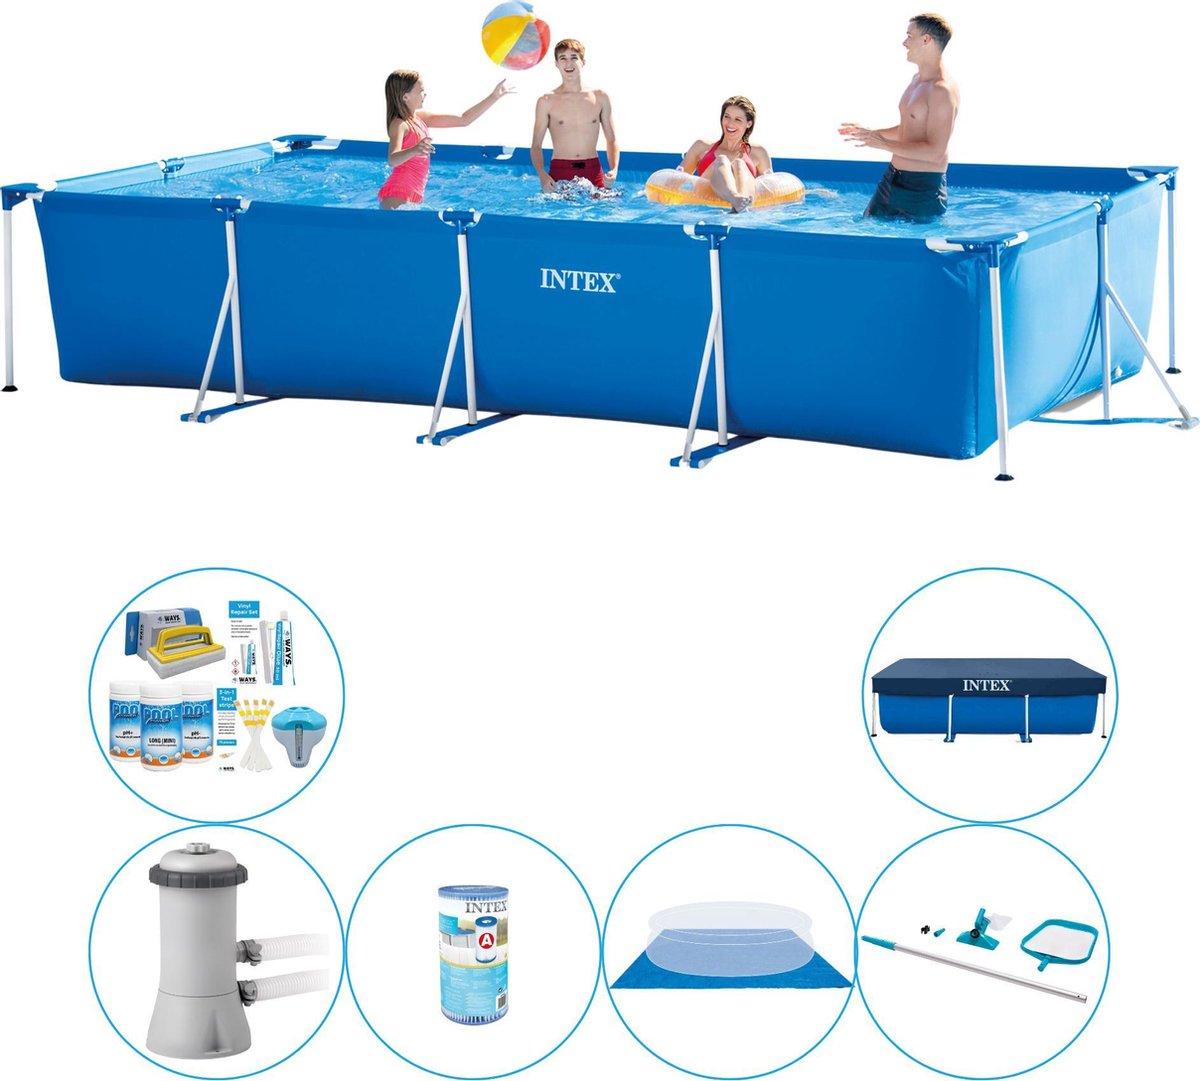 Zwembad Met Accessoires - Intex Frame Pool Rechthoekig 450x220x84 cm